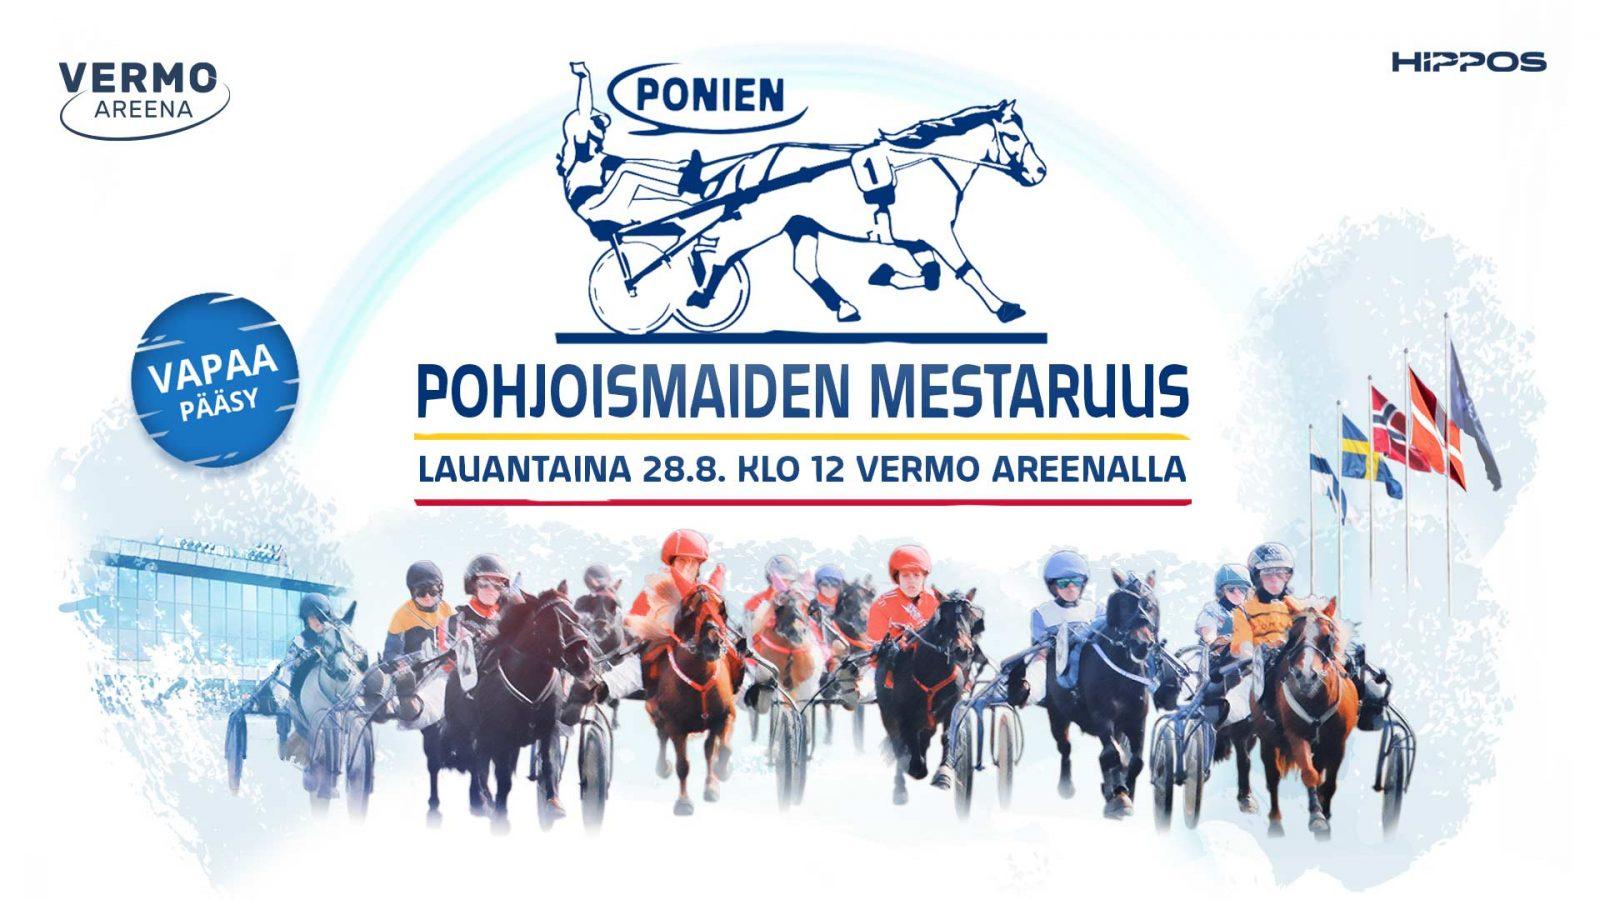 B-ponien Pohjoismaiden mestaruus ja A-ponien Suomi-Ruotsi maaottelu ravataan Vermossa 28.8